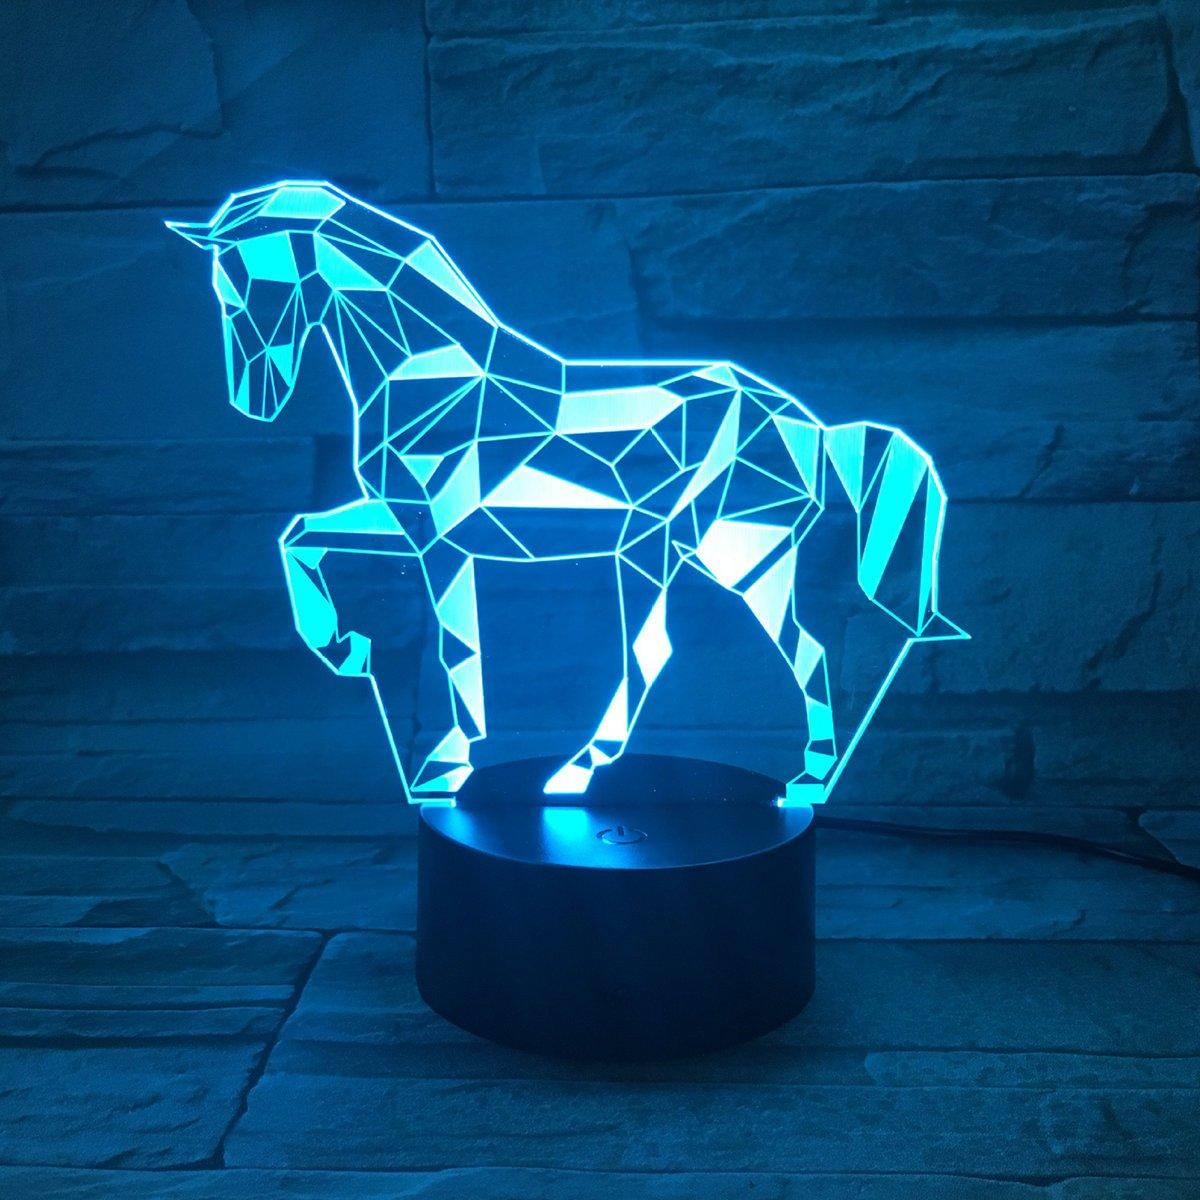 3D L/ámpara /óptico Illusions Luz Nocturna EASEHOME LED L/ámpara de Mesa Luces de Noche para Ni/ños Decoraci/ón Tabla L/ámpara de Escritorio 7 Colores Cambio de Bot/ón T/áctil y Cable USB Ciclismo